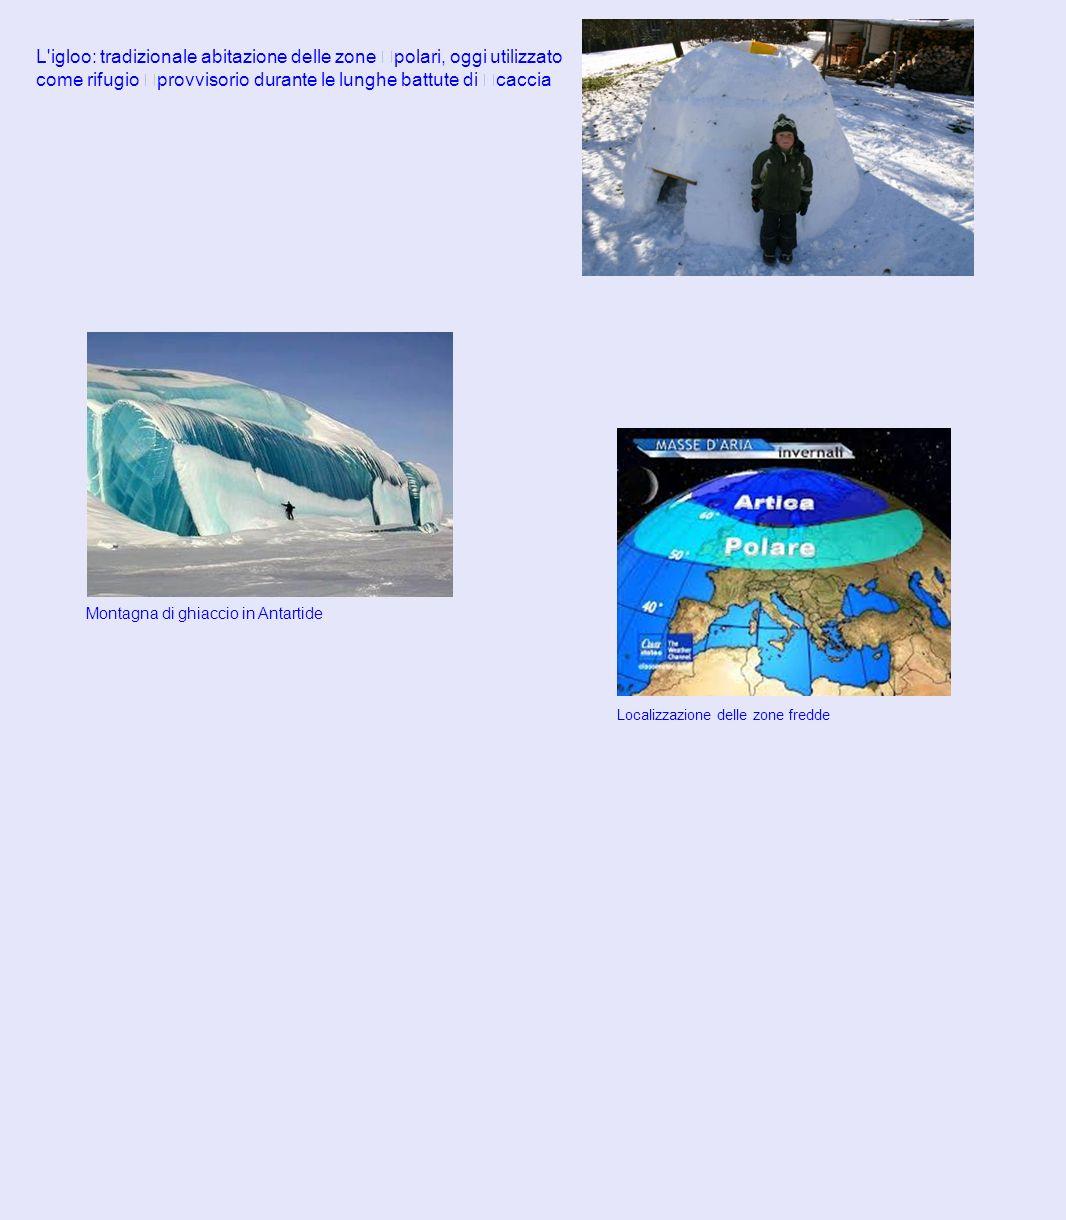 L'igloo: tradizionale abitazione delle zone polari, oggi utilizzato come rifugio provvisorio durante le lunghe battute di caccia Montagna di ghiaccio